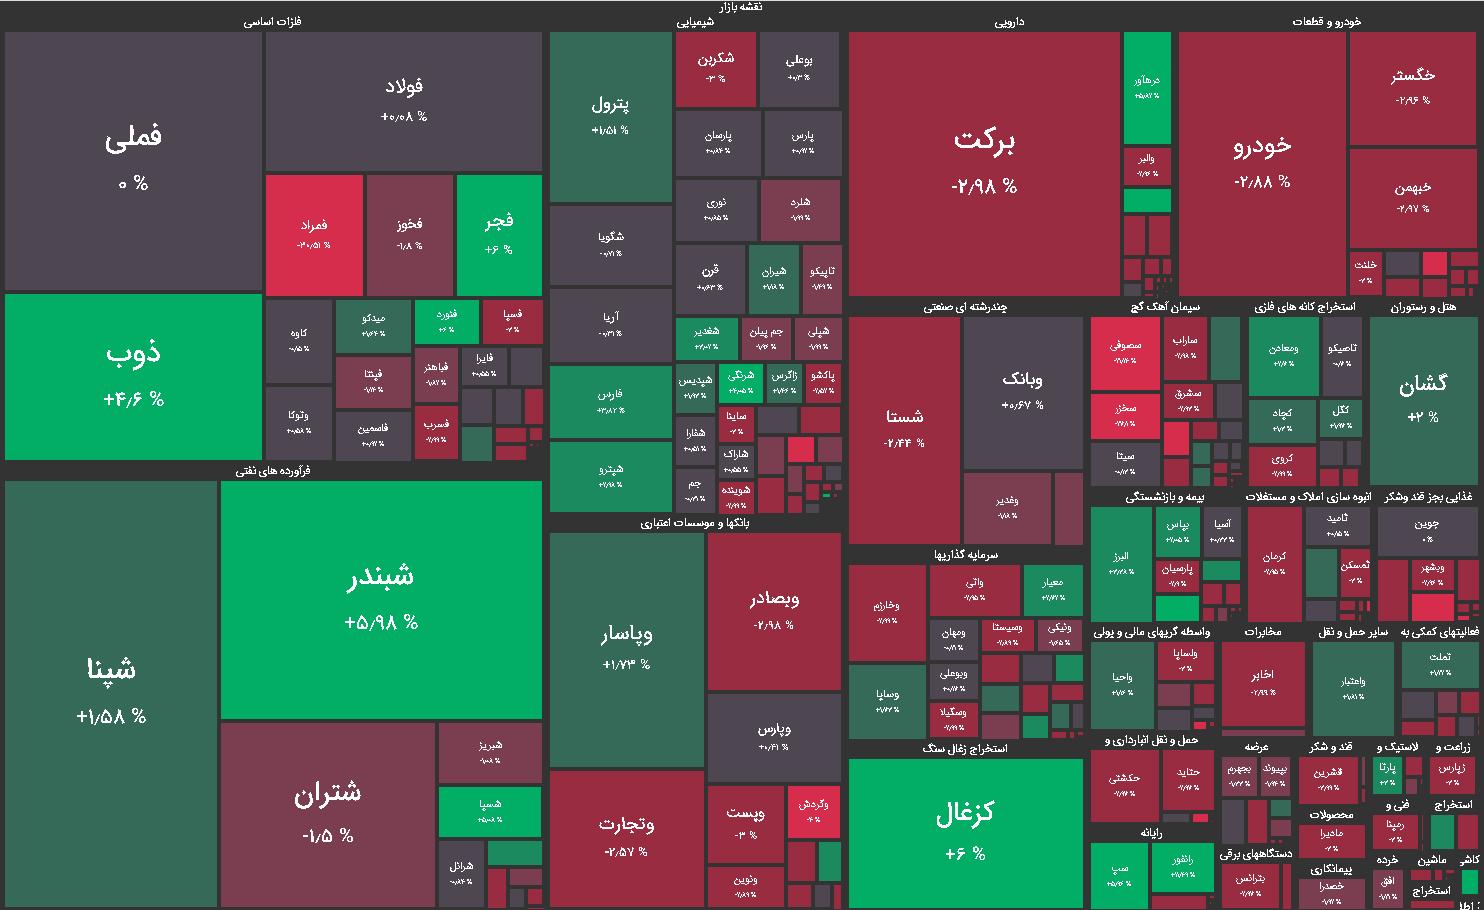 نقشه بازار بورس امروز چهارشنبه 22 اردیبهشت ماه 1400